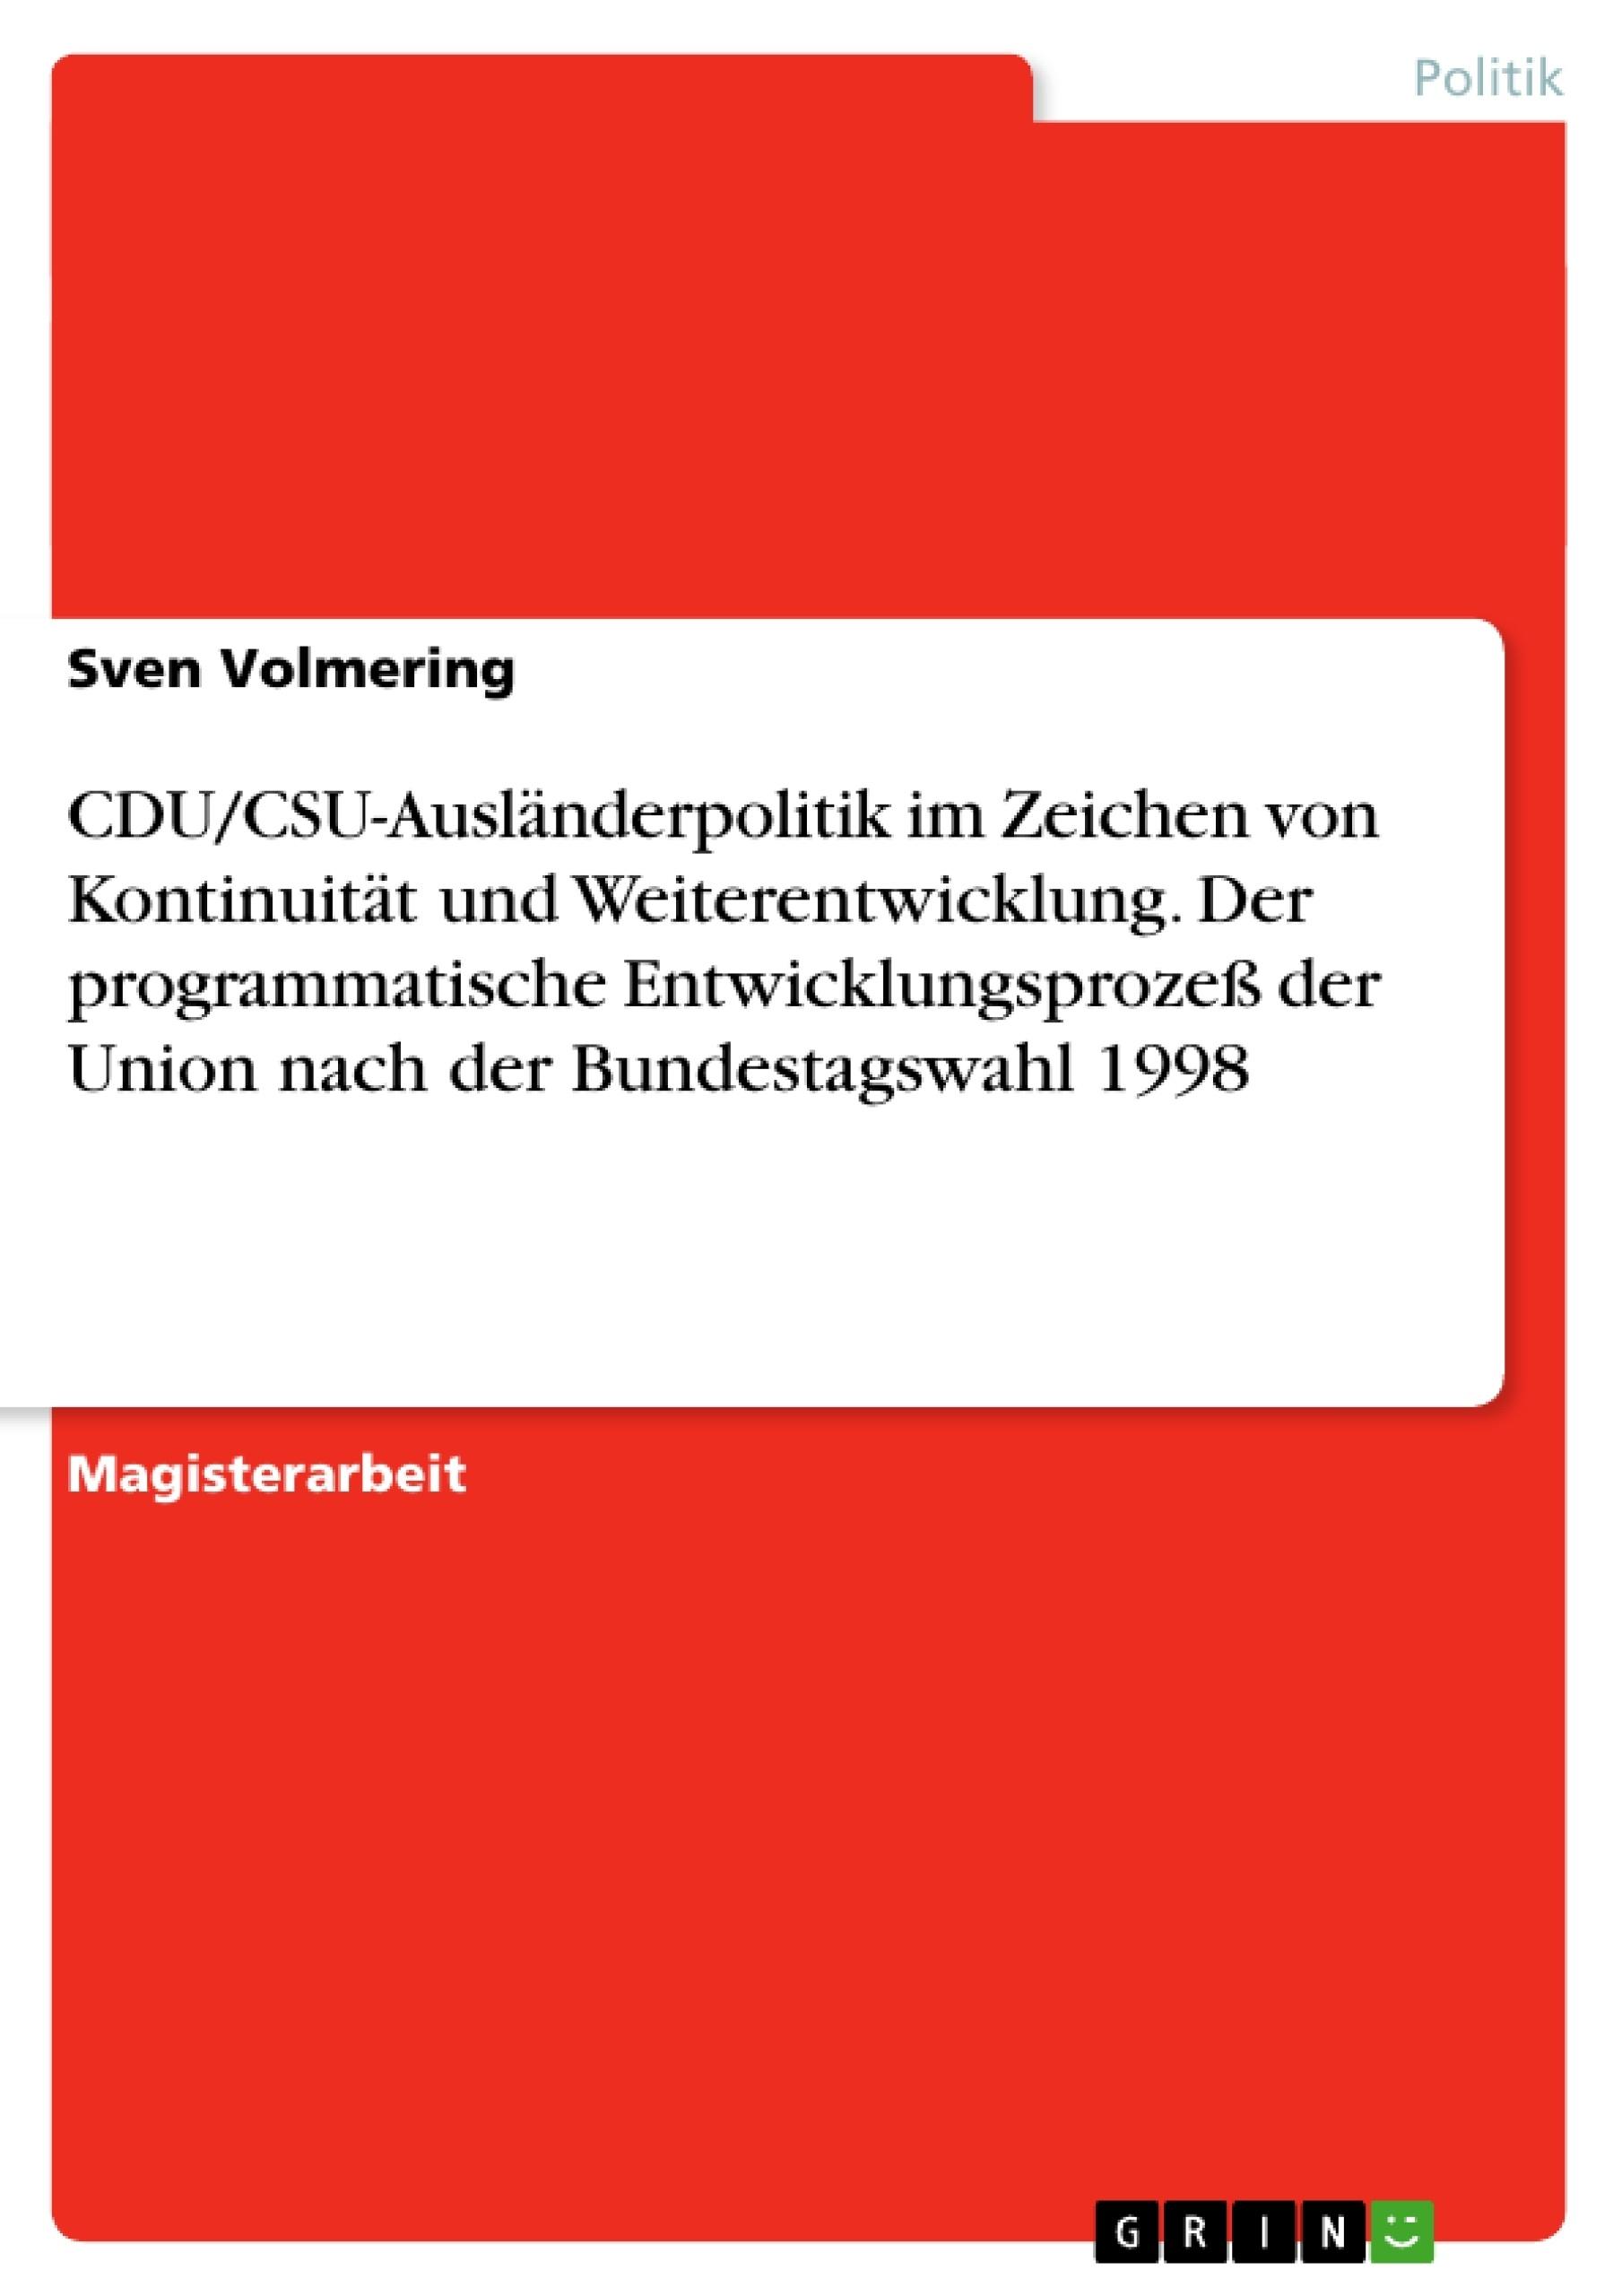 Titel: CDU/CSU-Ausländerpolitik im Zeichen von Kontinuität und Weiterentwicklung. Der programmatische Entwicklungsprozeß der Union nach der Bundestagswahl 1998